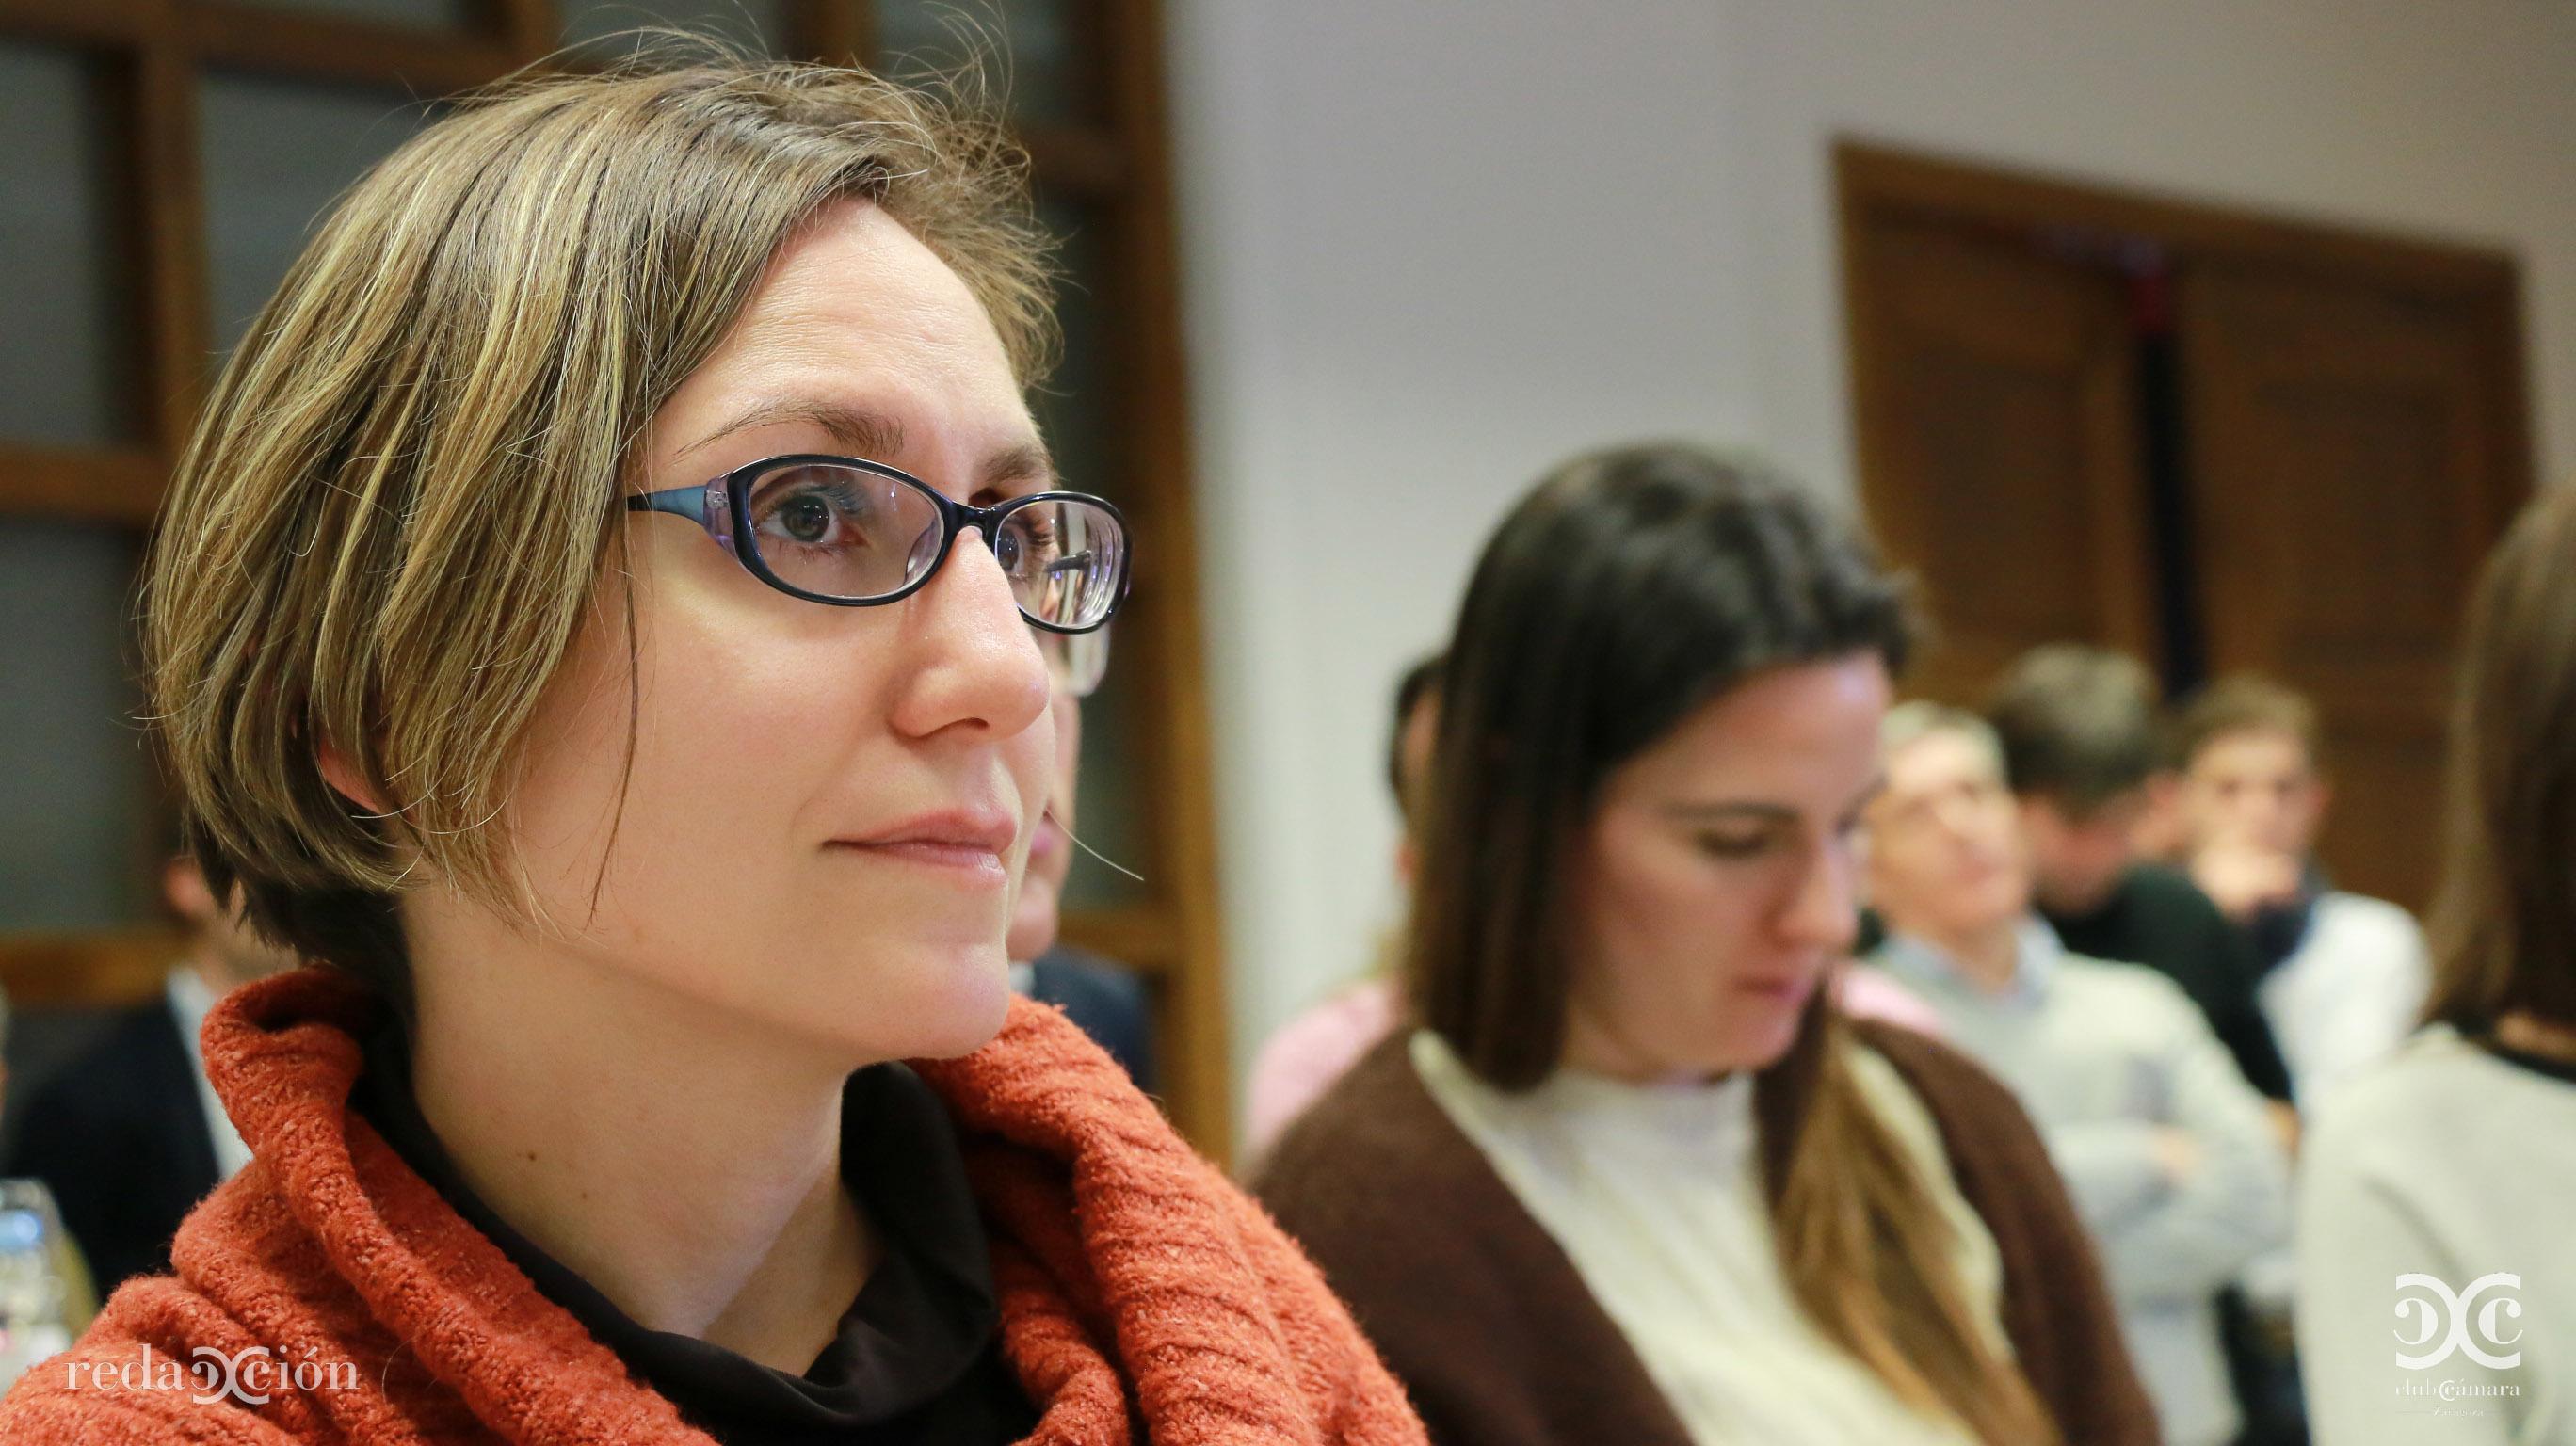 Ana Pilar Fañanas Ibercaja